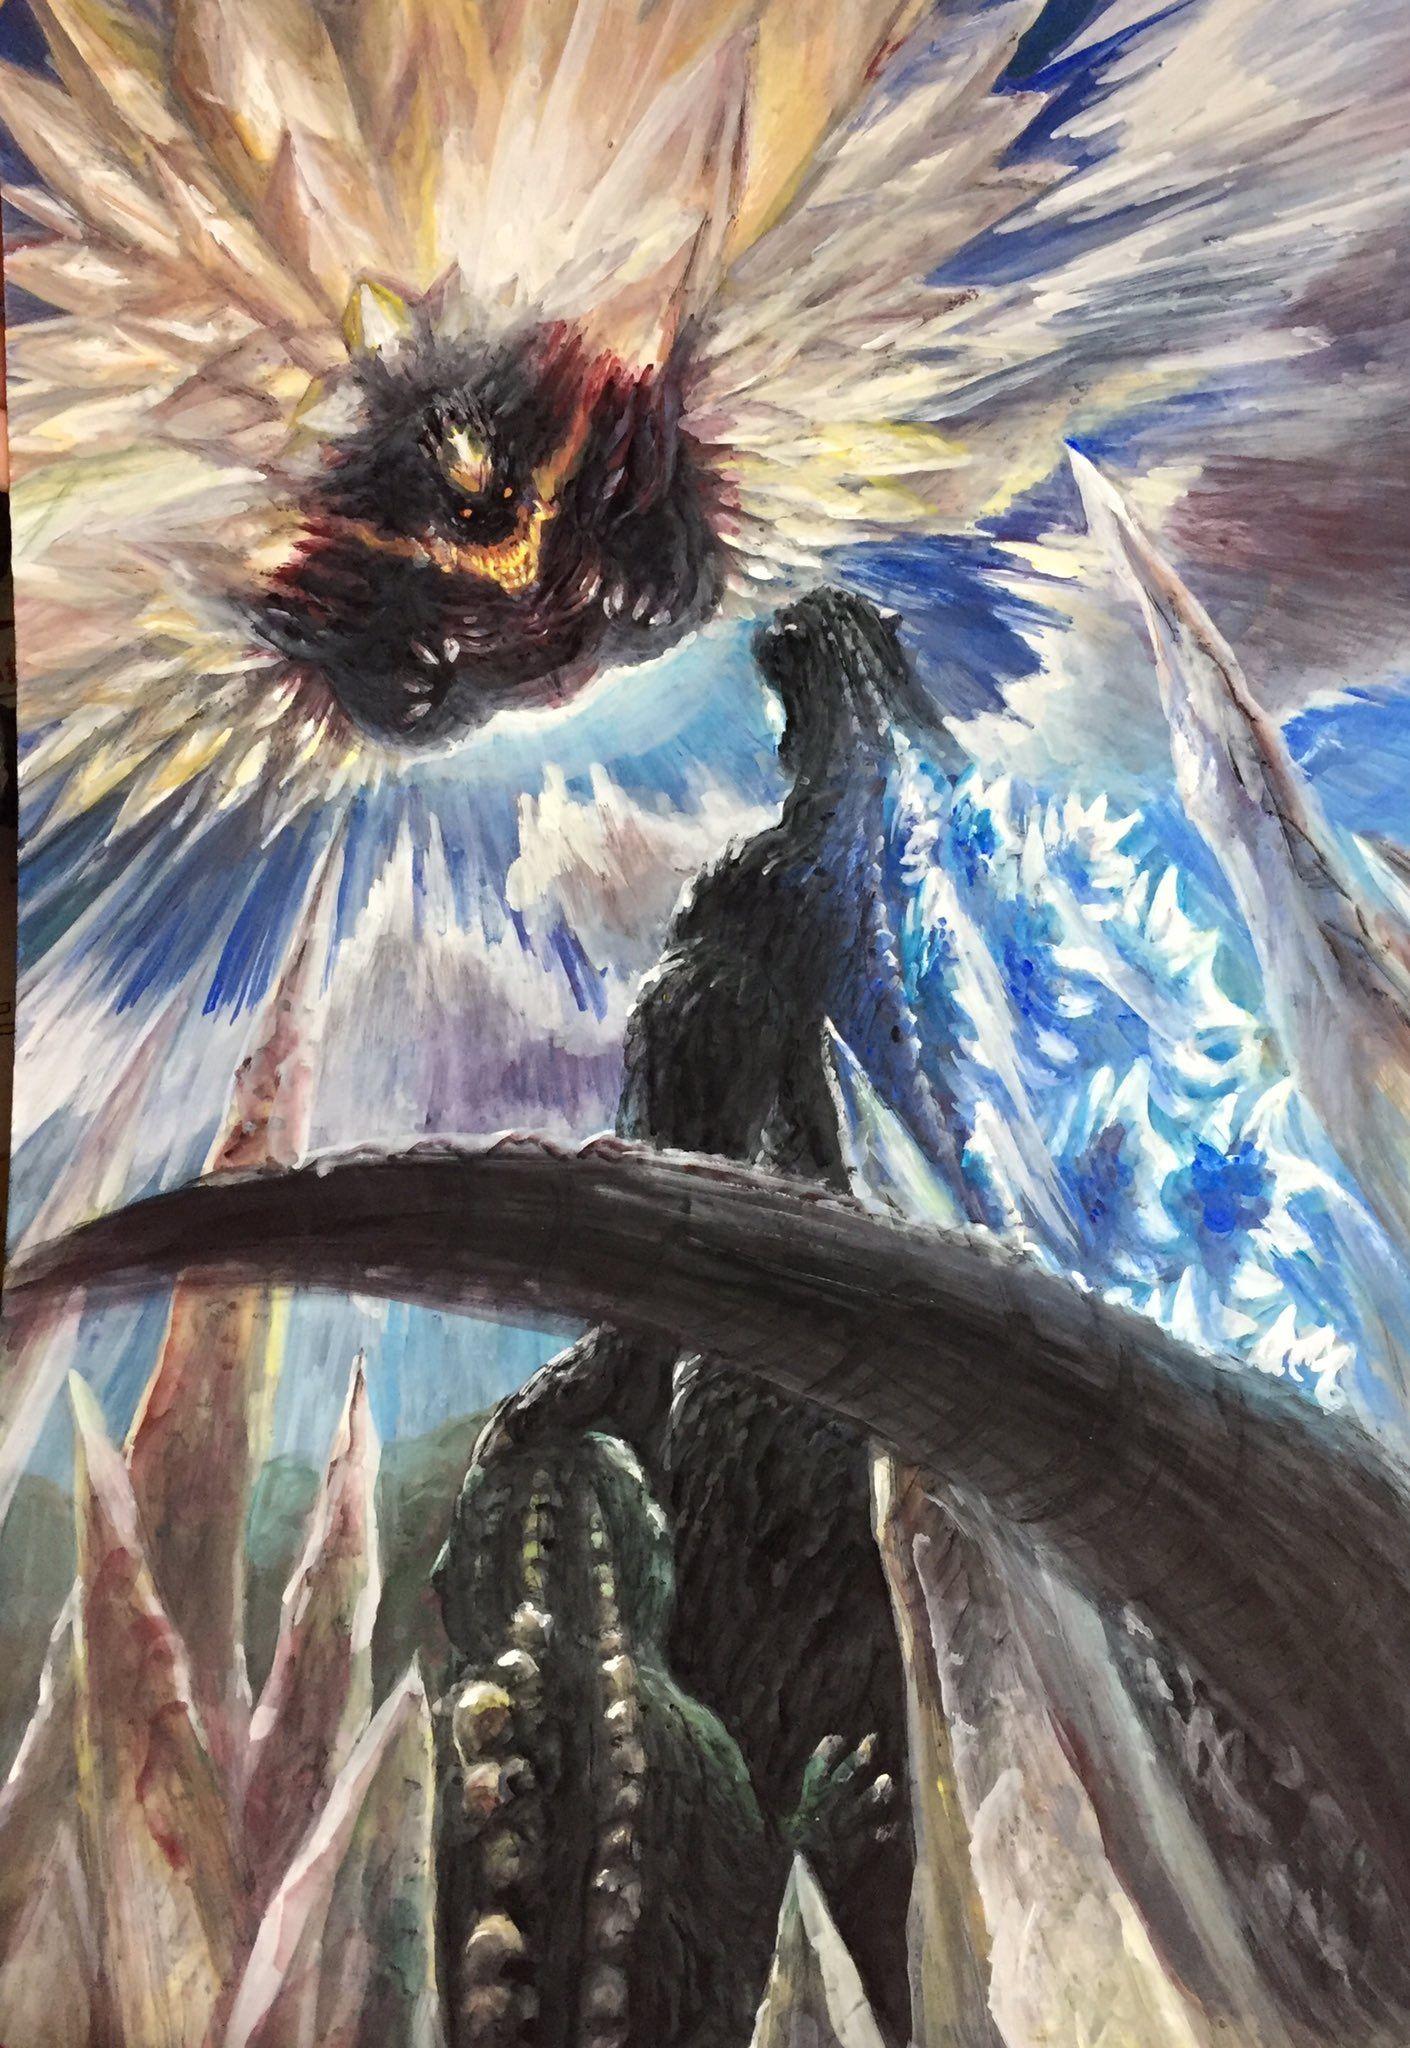 Godzilla Vs Spacegodzilla